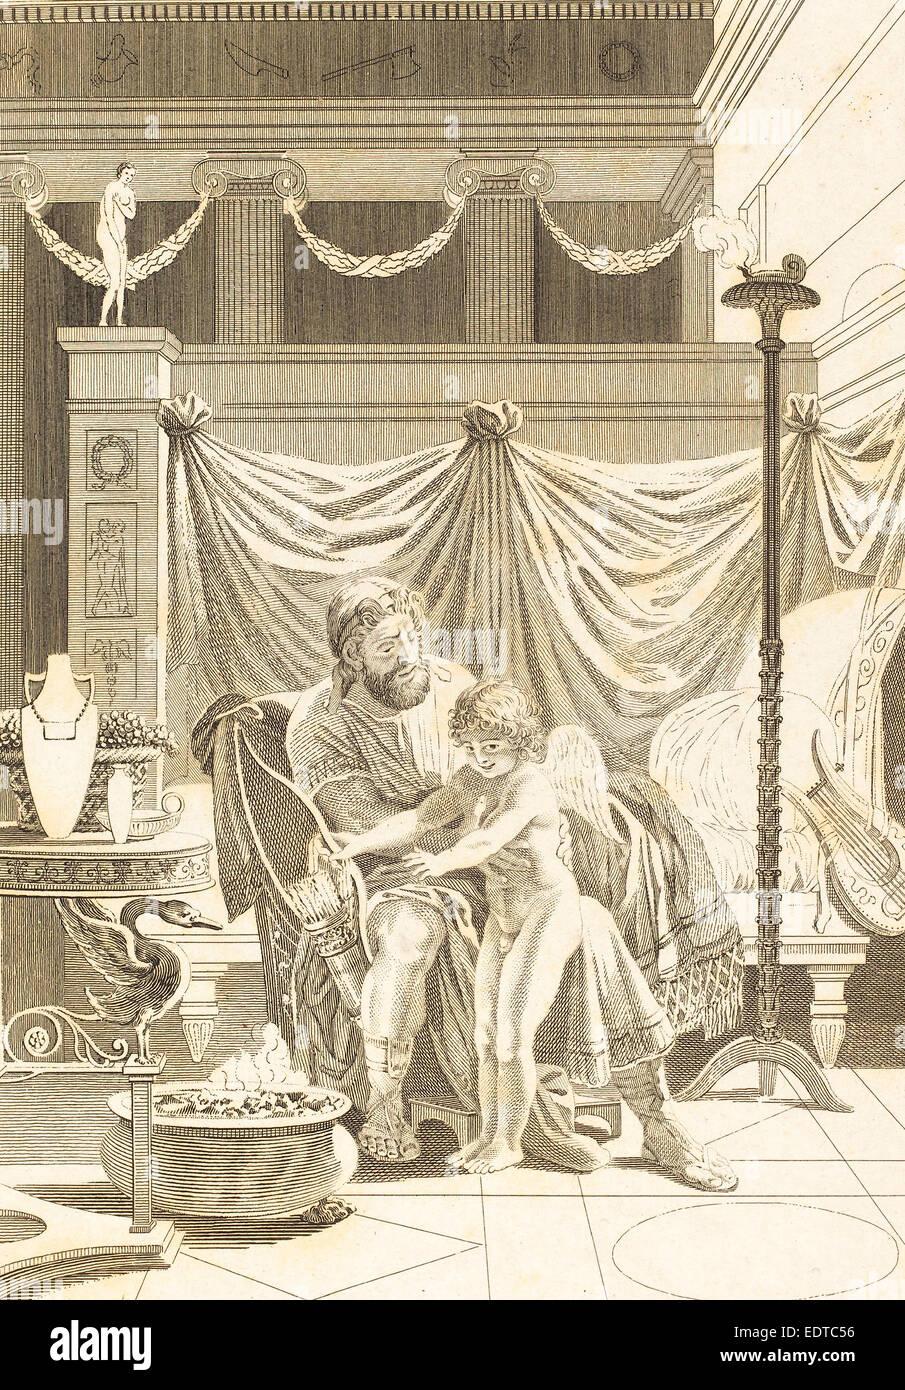 Il francese del XVIII secolo, Autre imitazione: L'amour mouille, attacco Immagini Stock